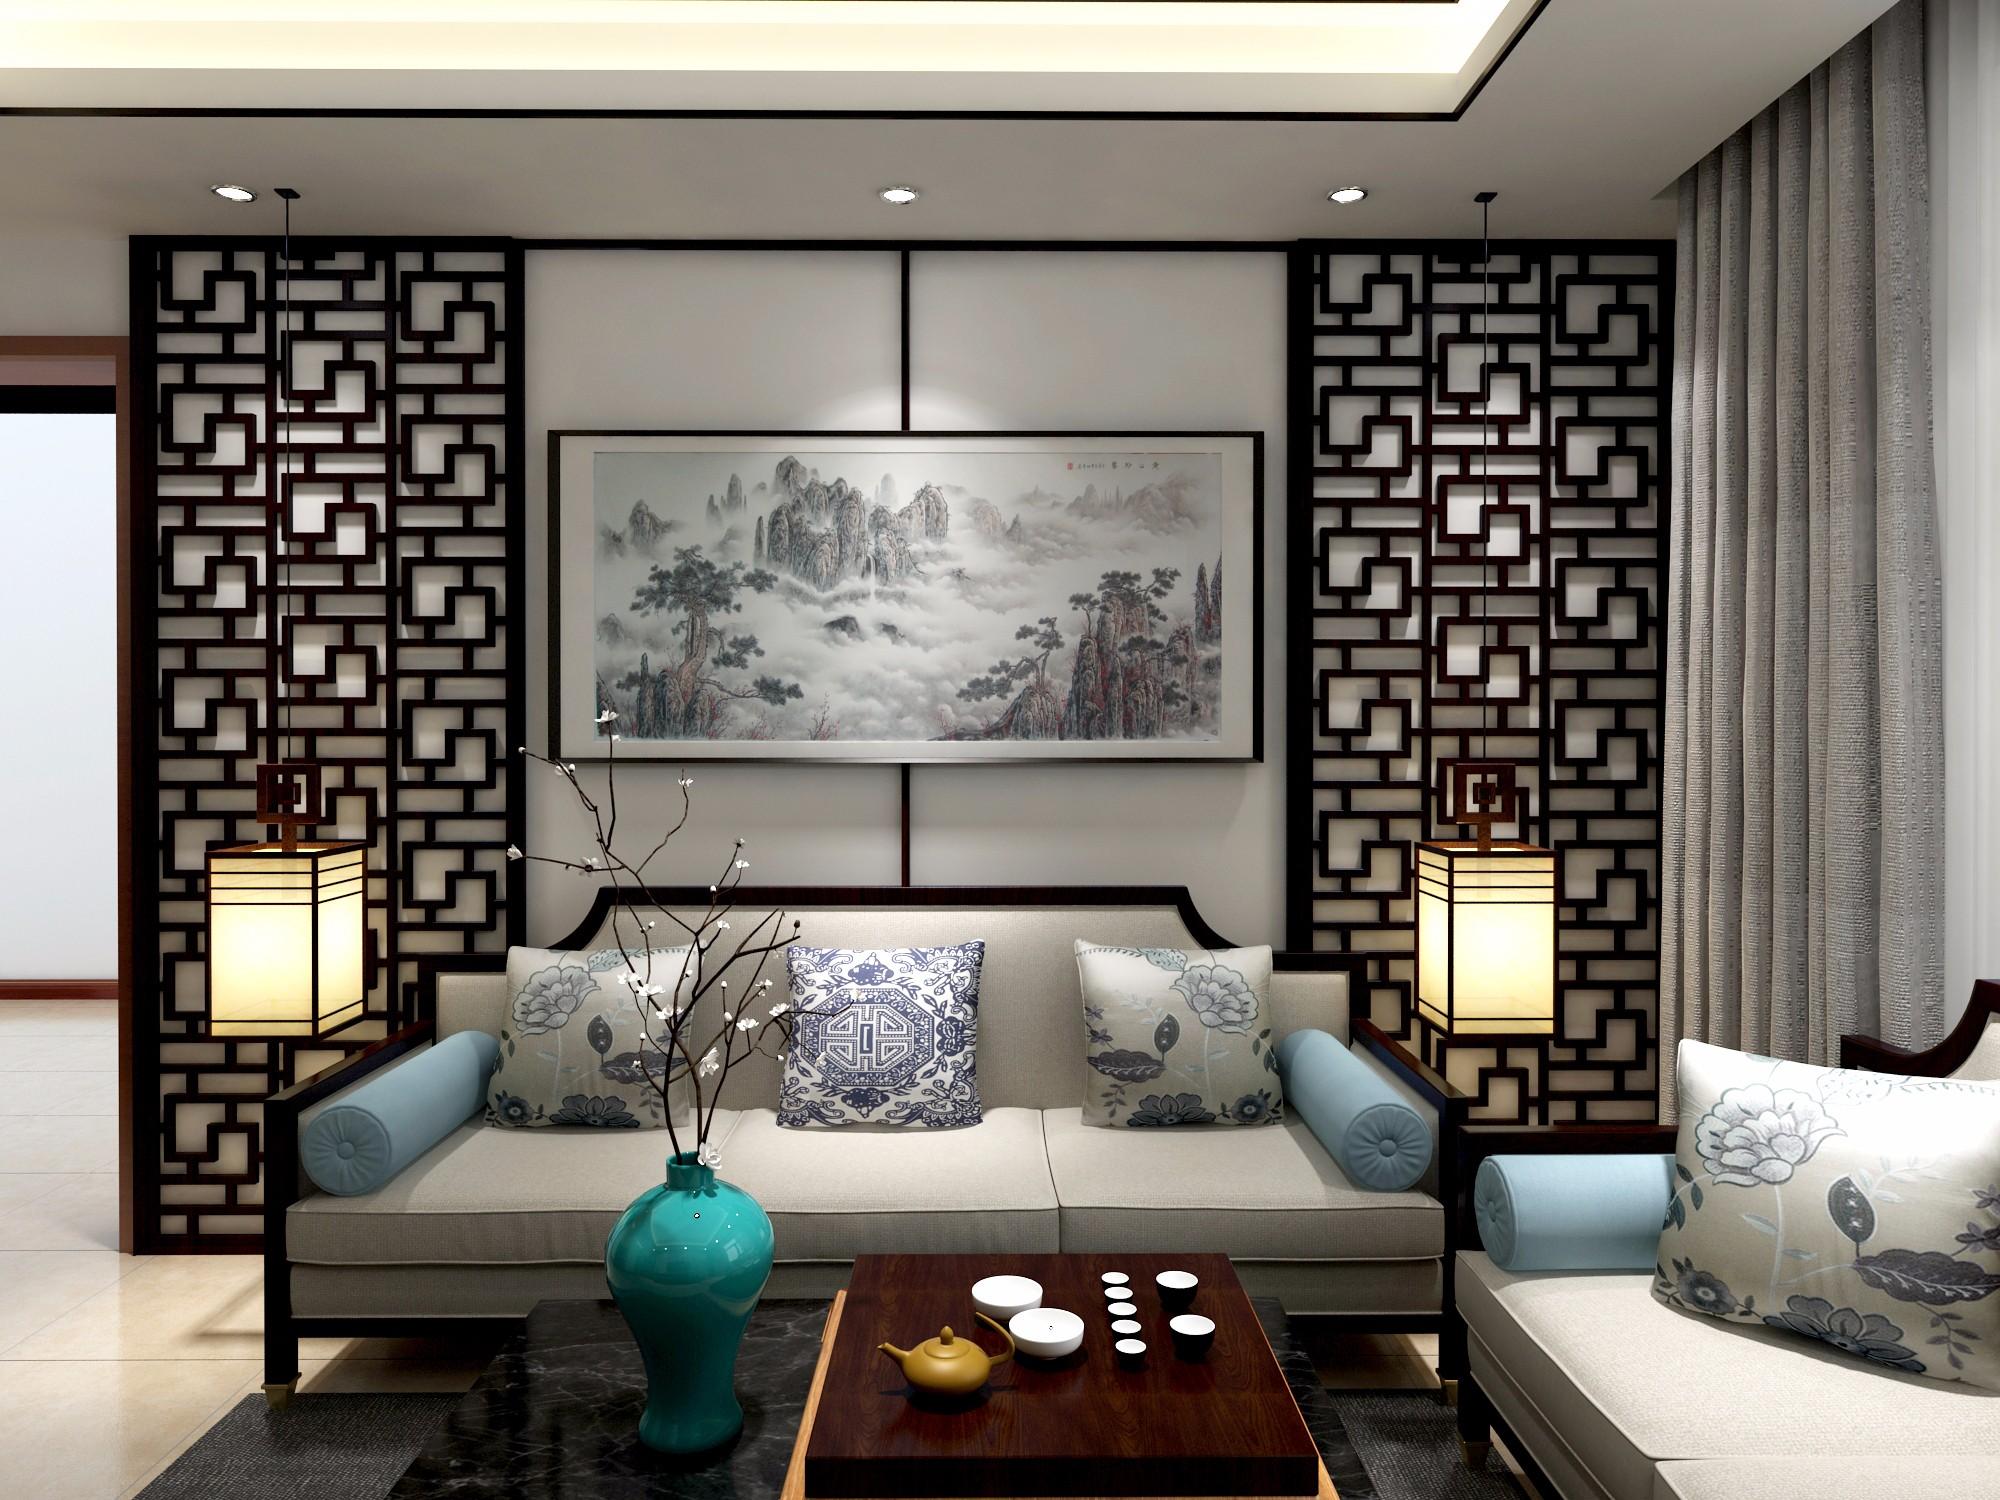 新中式客厅 - 效果图交流区-建e室内设计网